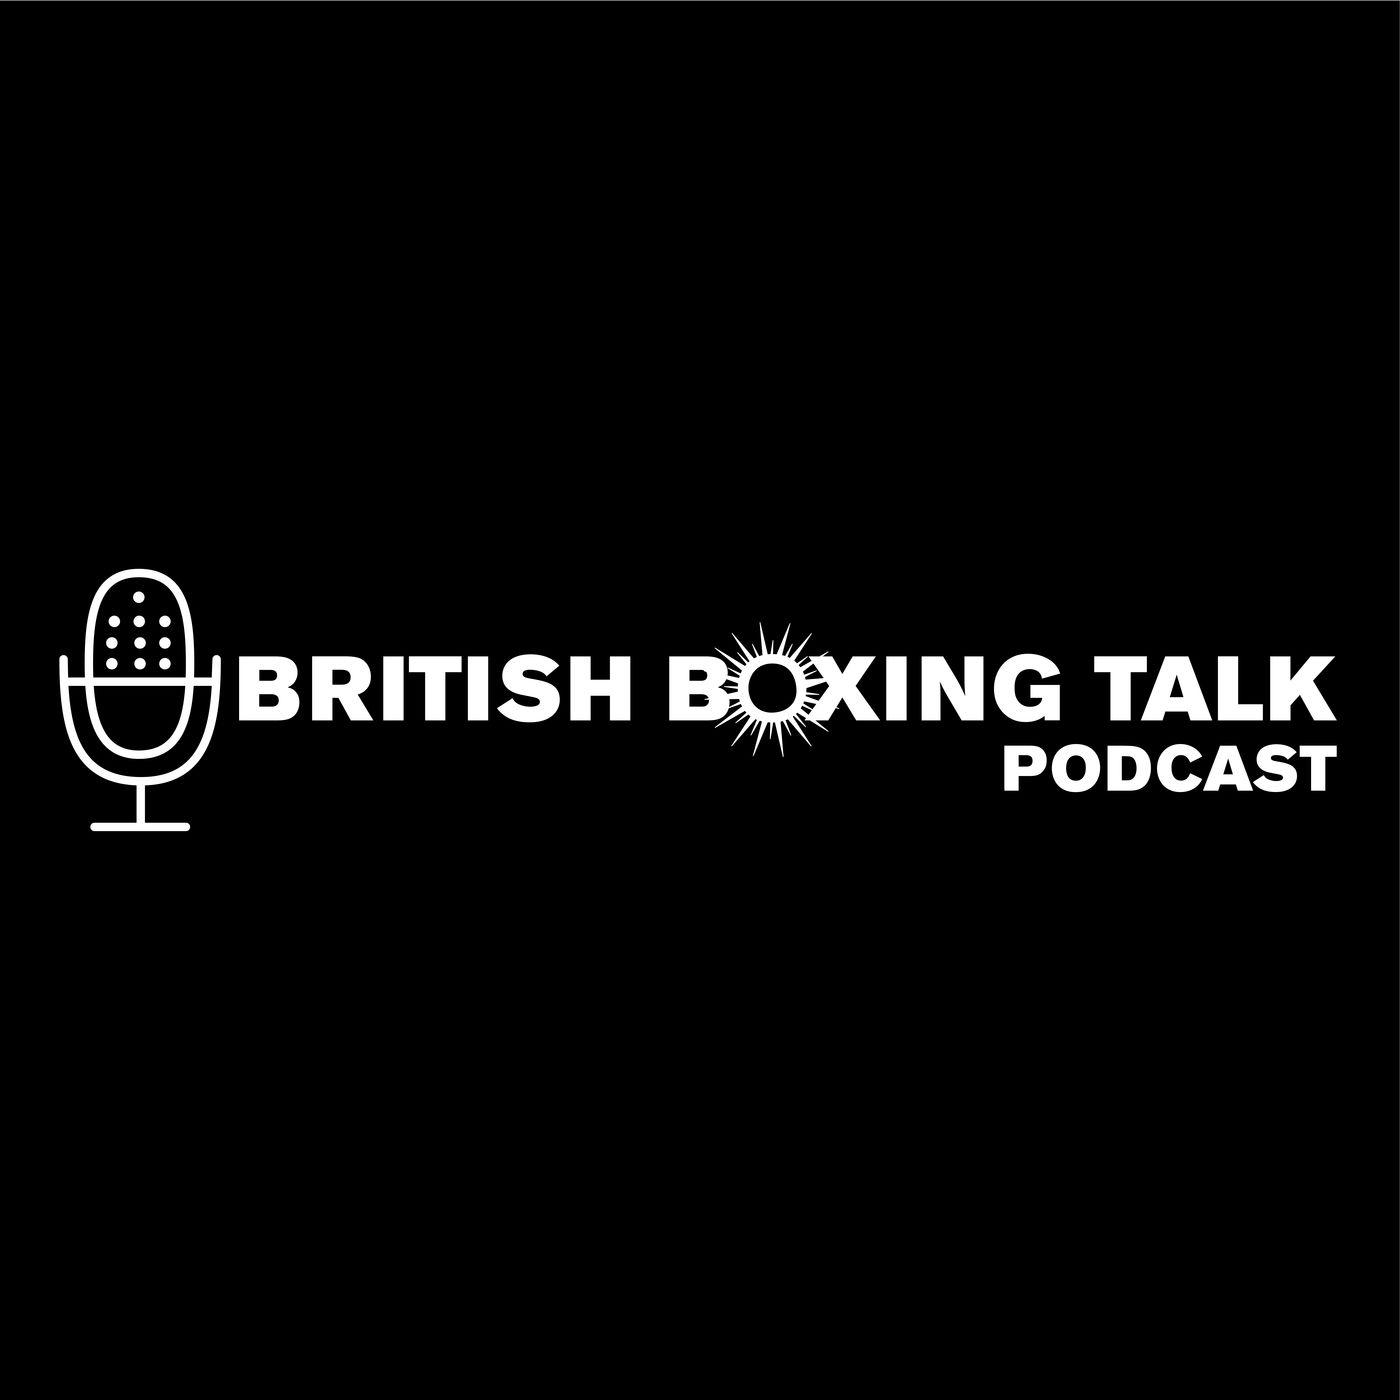 British Boxing Talk